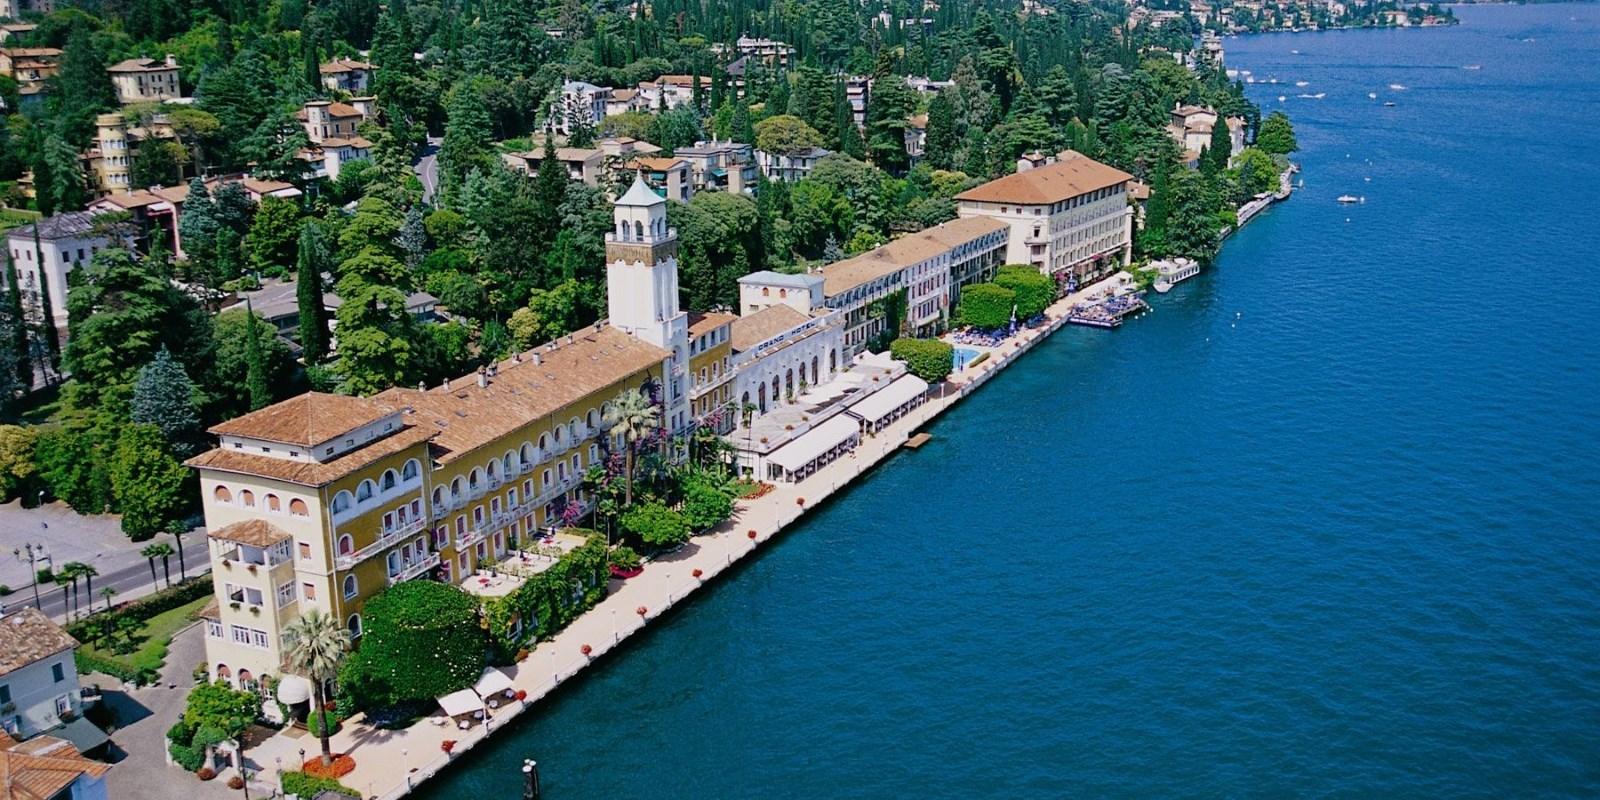 The Grand Hotel Menaggio